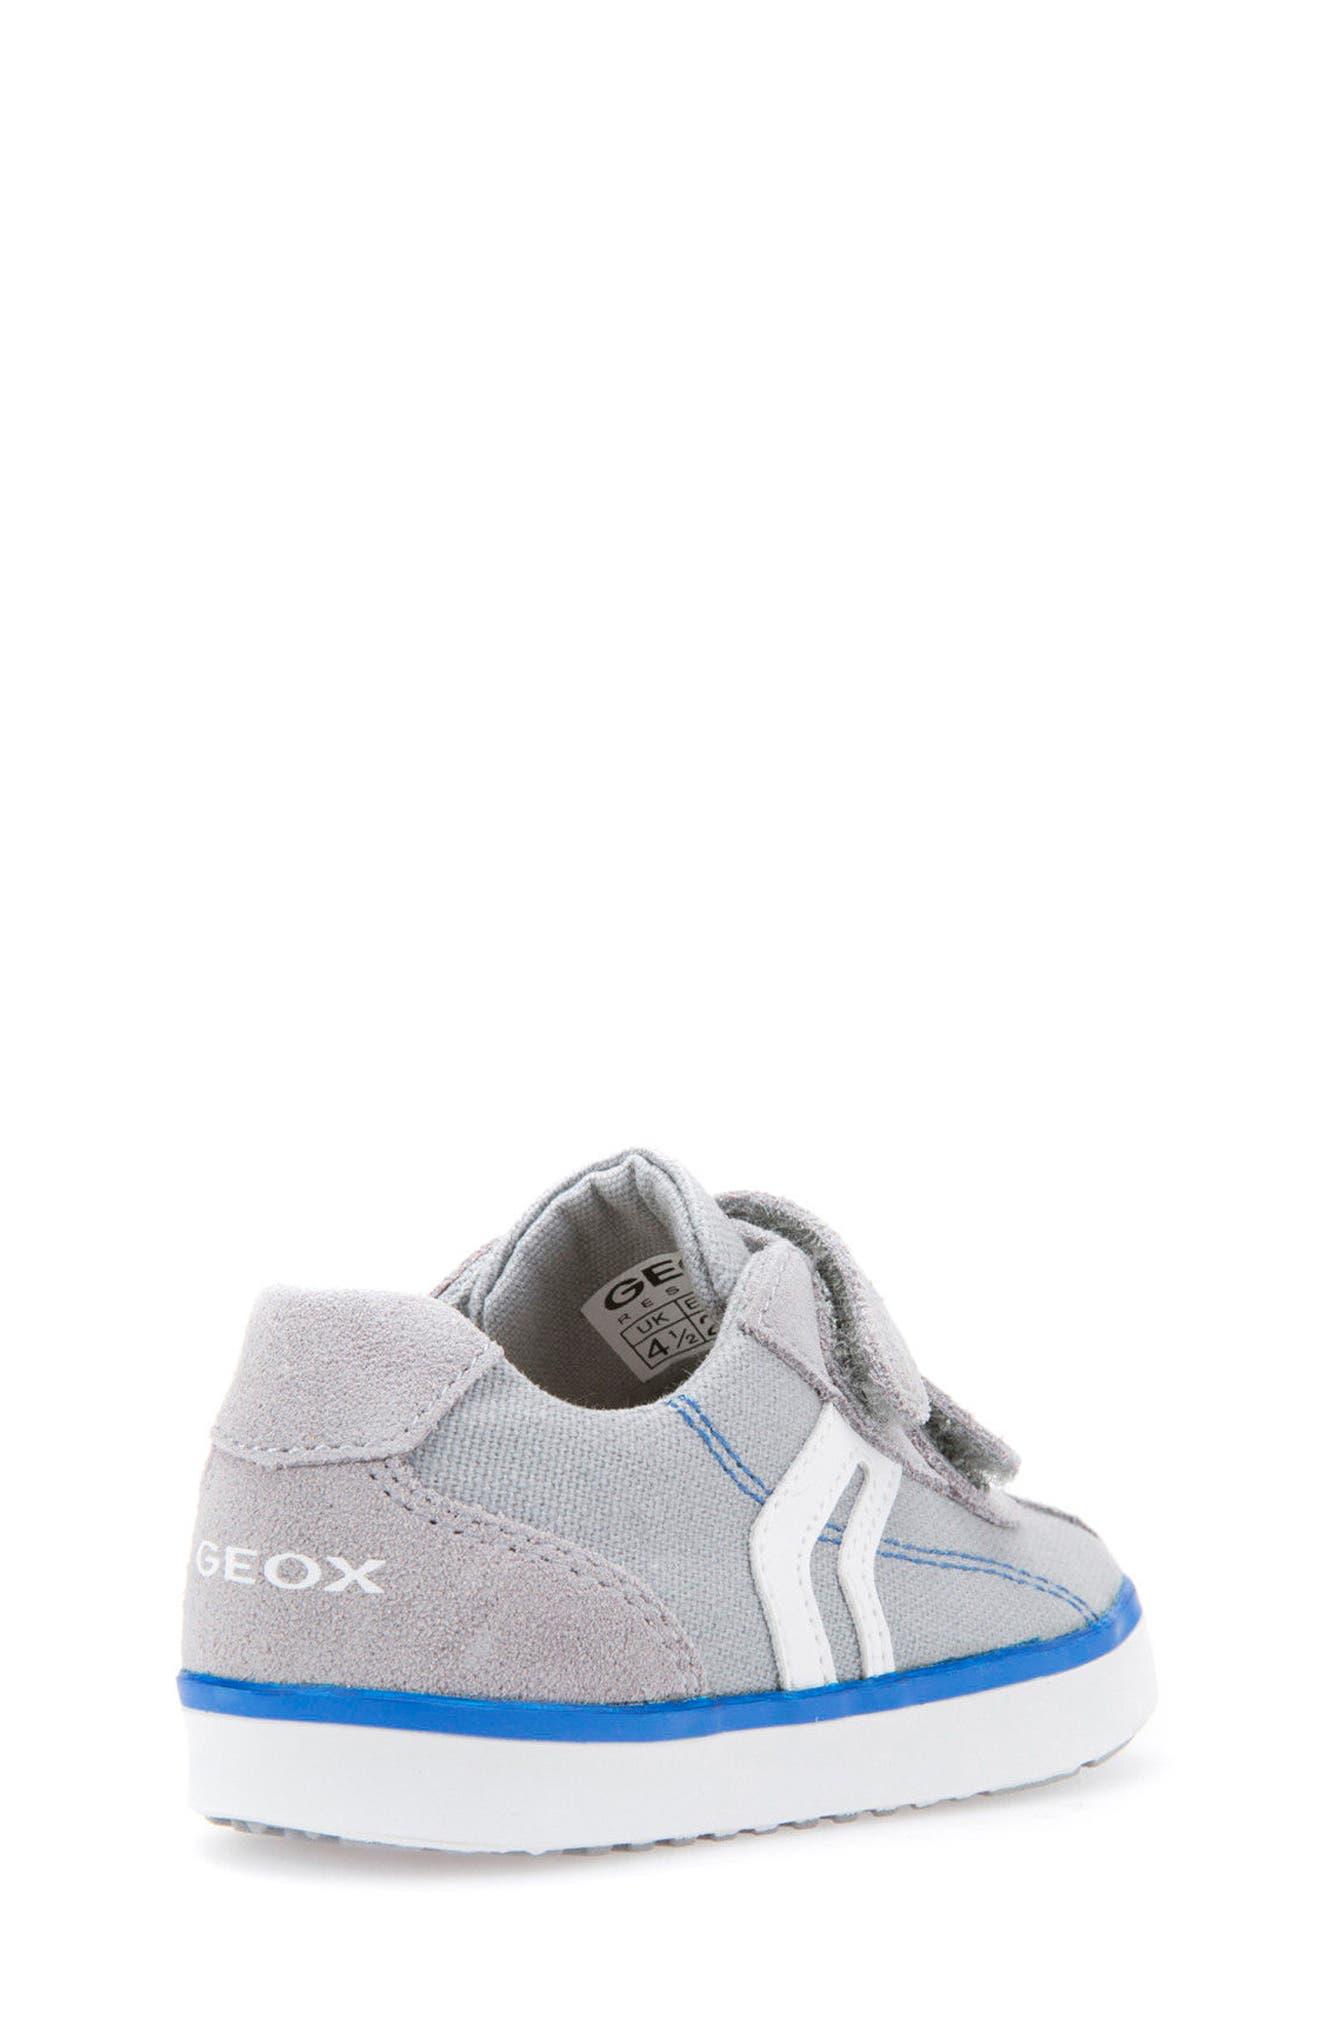 Kilwi Low Top Sneaker,                             Alternate thumbnail 2, color,                             Grey